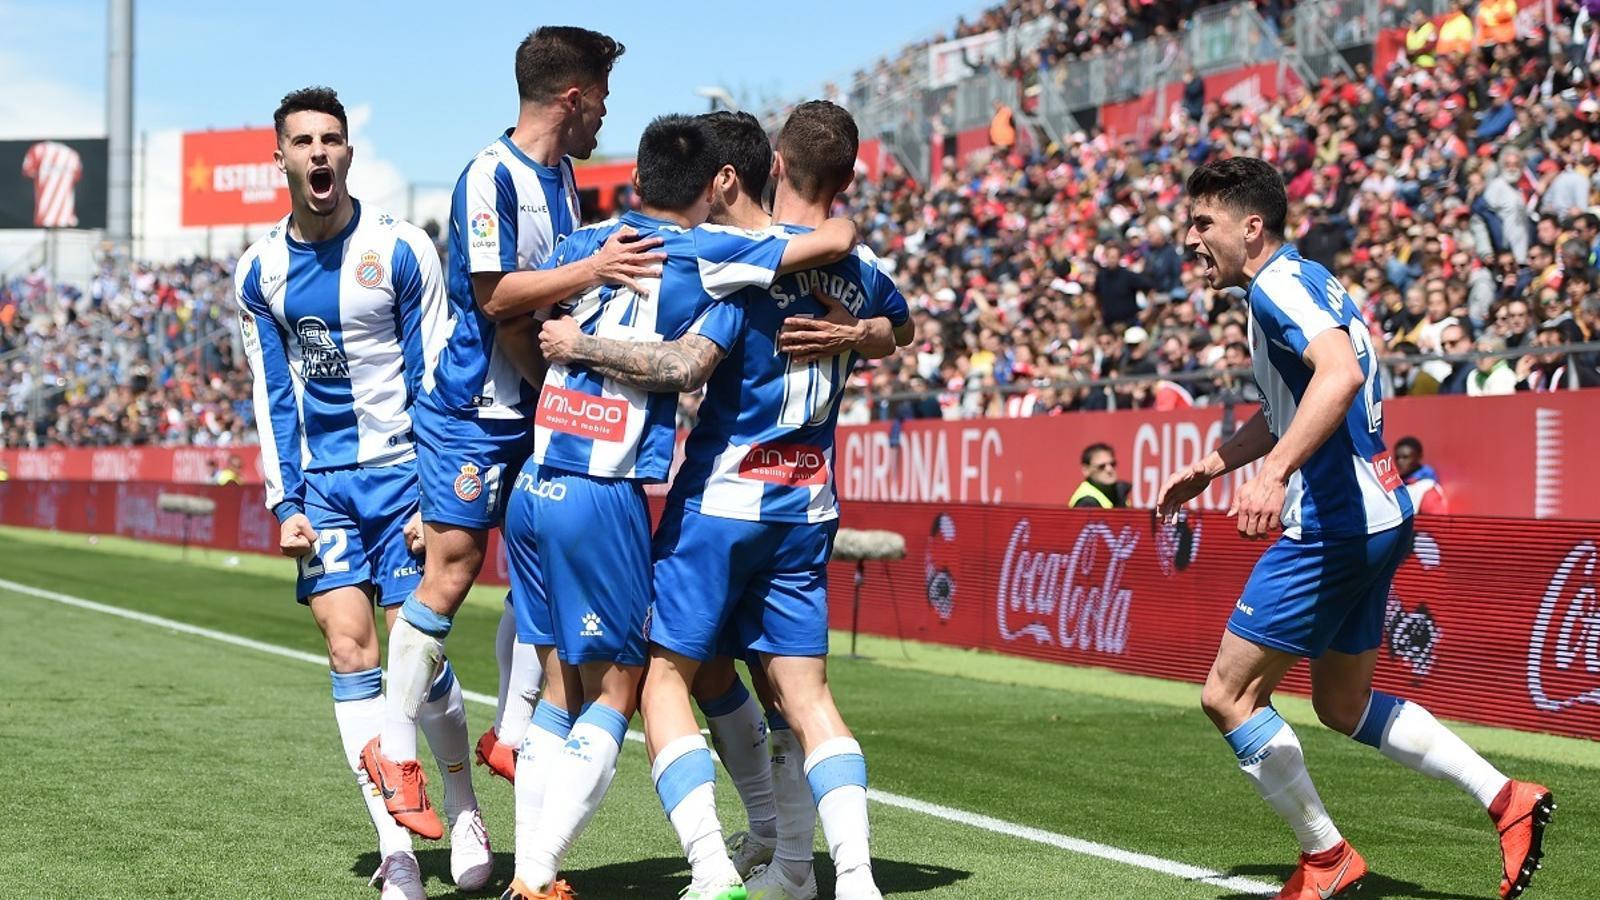 L'Espanyol treu de polleguera un Girona que haurà de continuar lluitant (1-2)